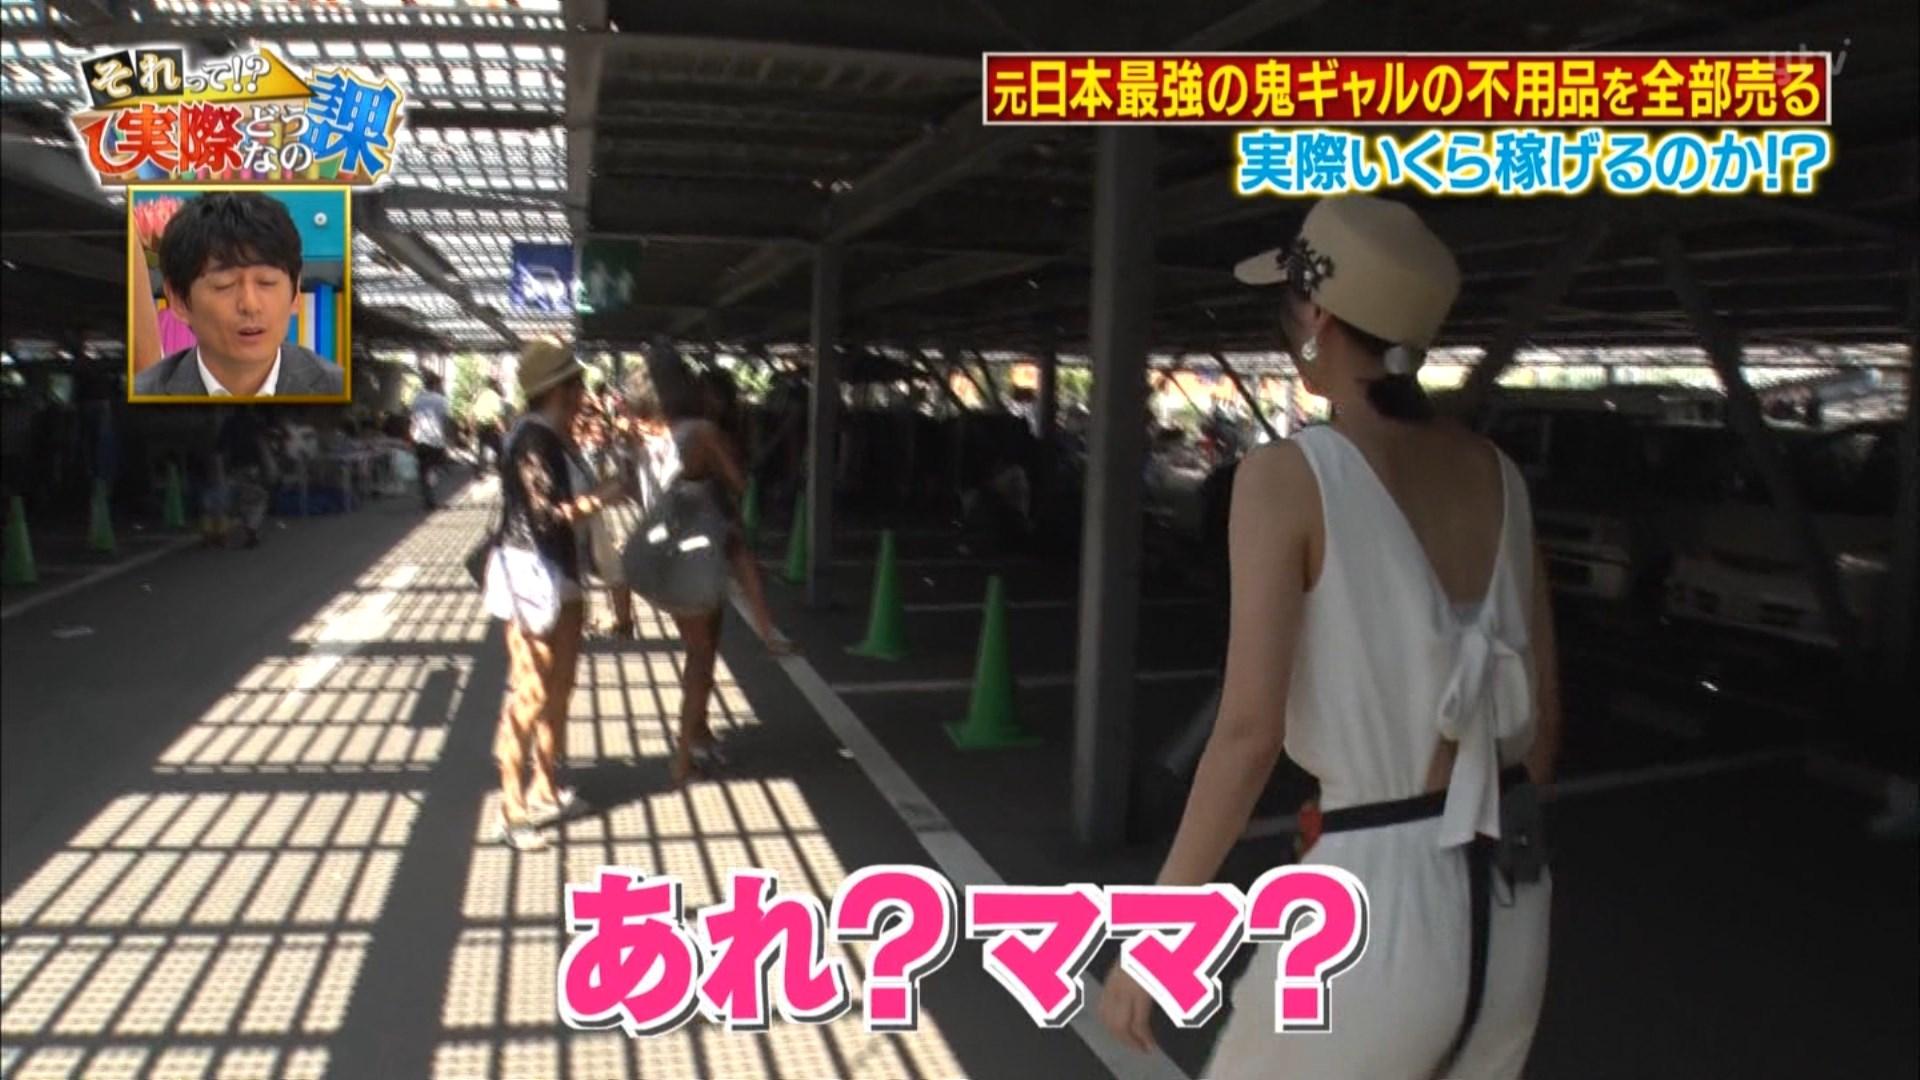 2019年9月11日に放送された「それって!?実際どうなの課」に出演したタレント・緑川静香さんのテレビキャプチャー画像-054